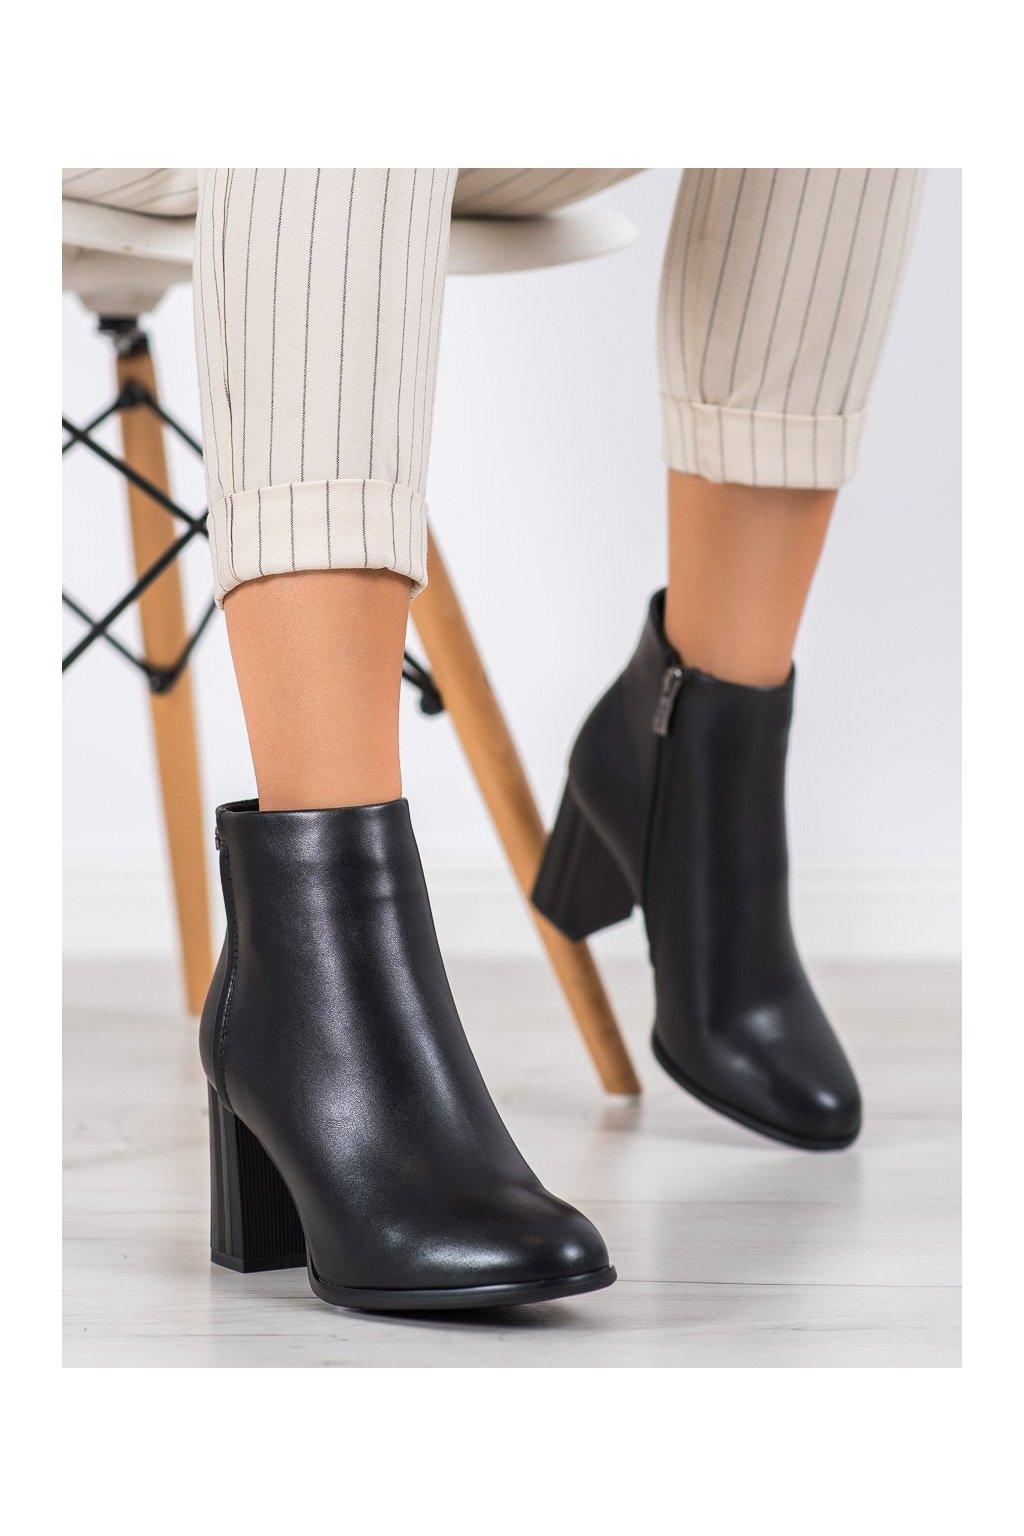 Čierne dámske topánky Filippo kod DBT1550/20B